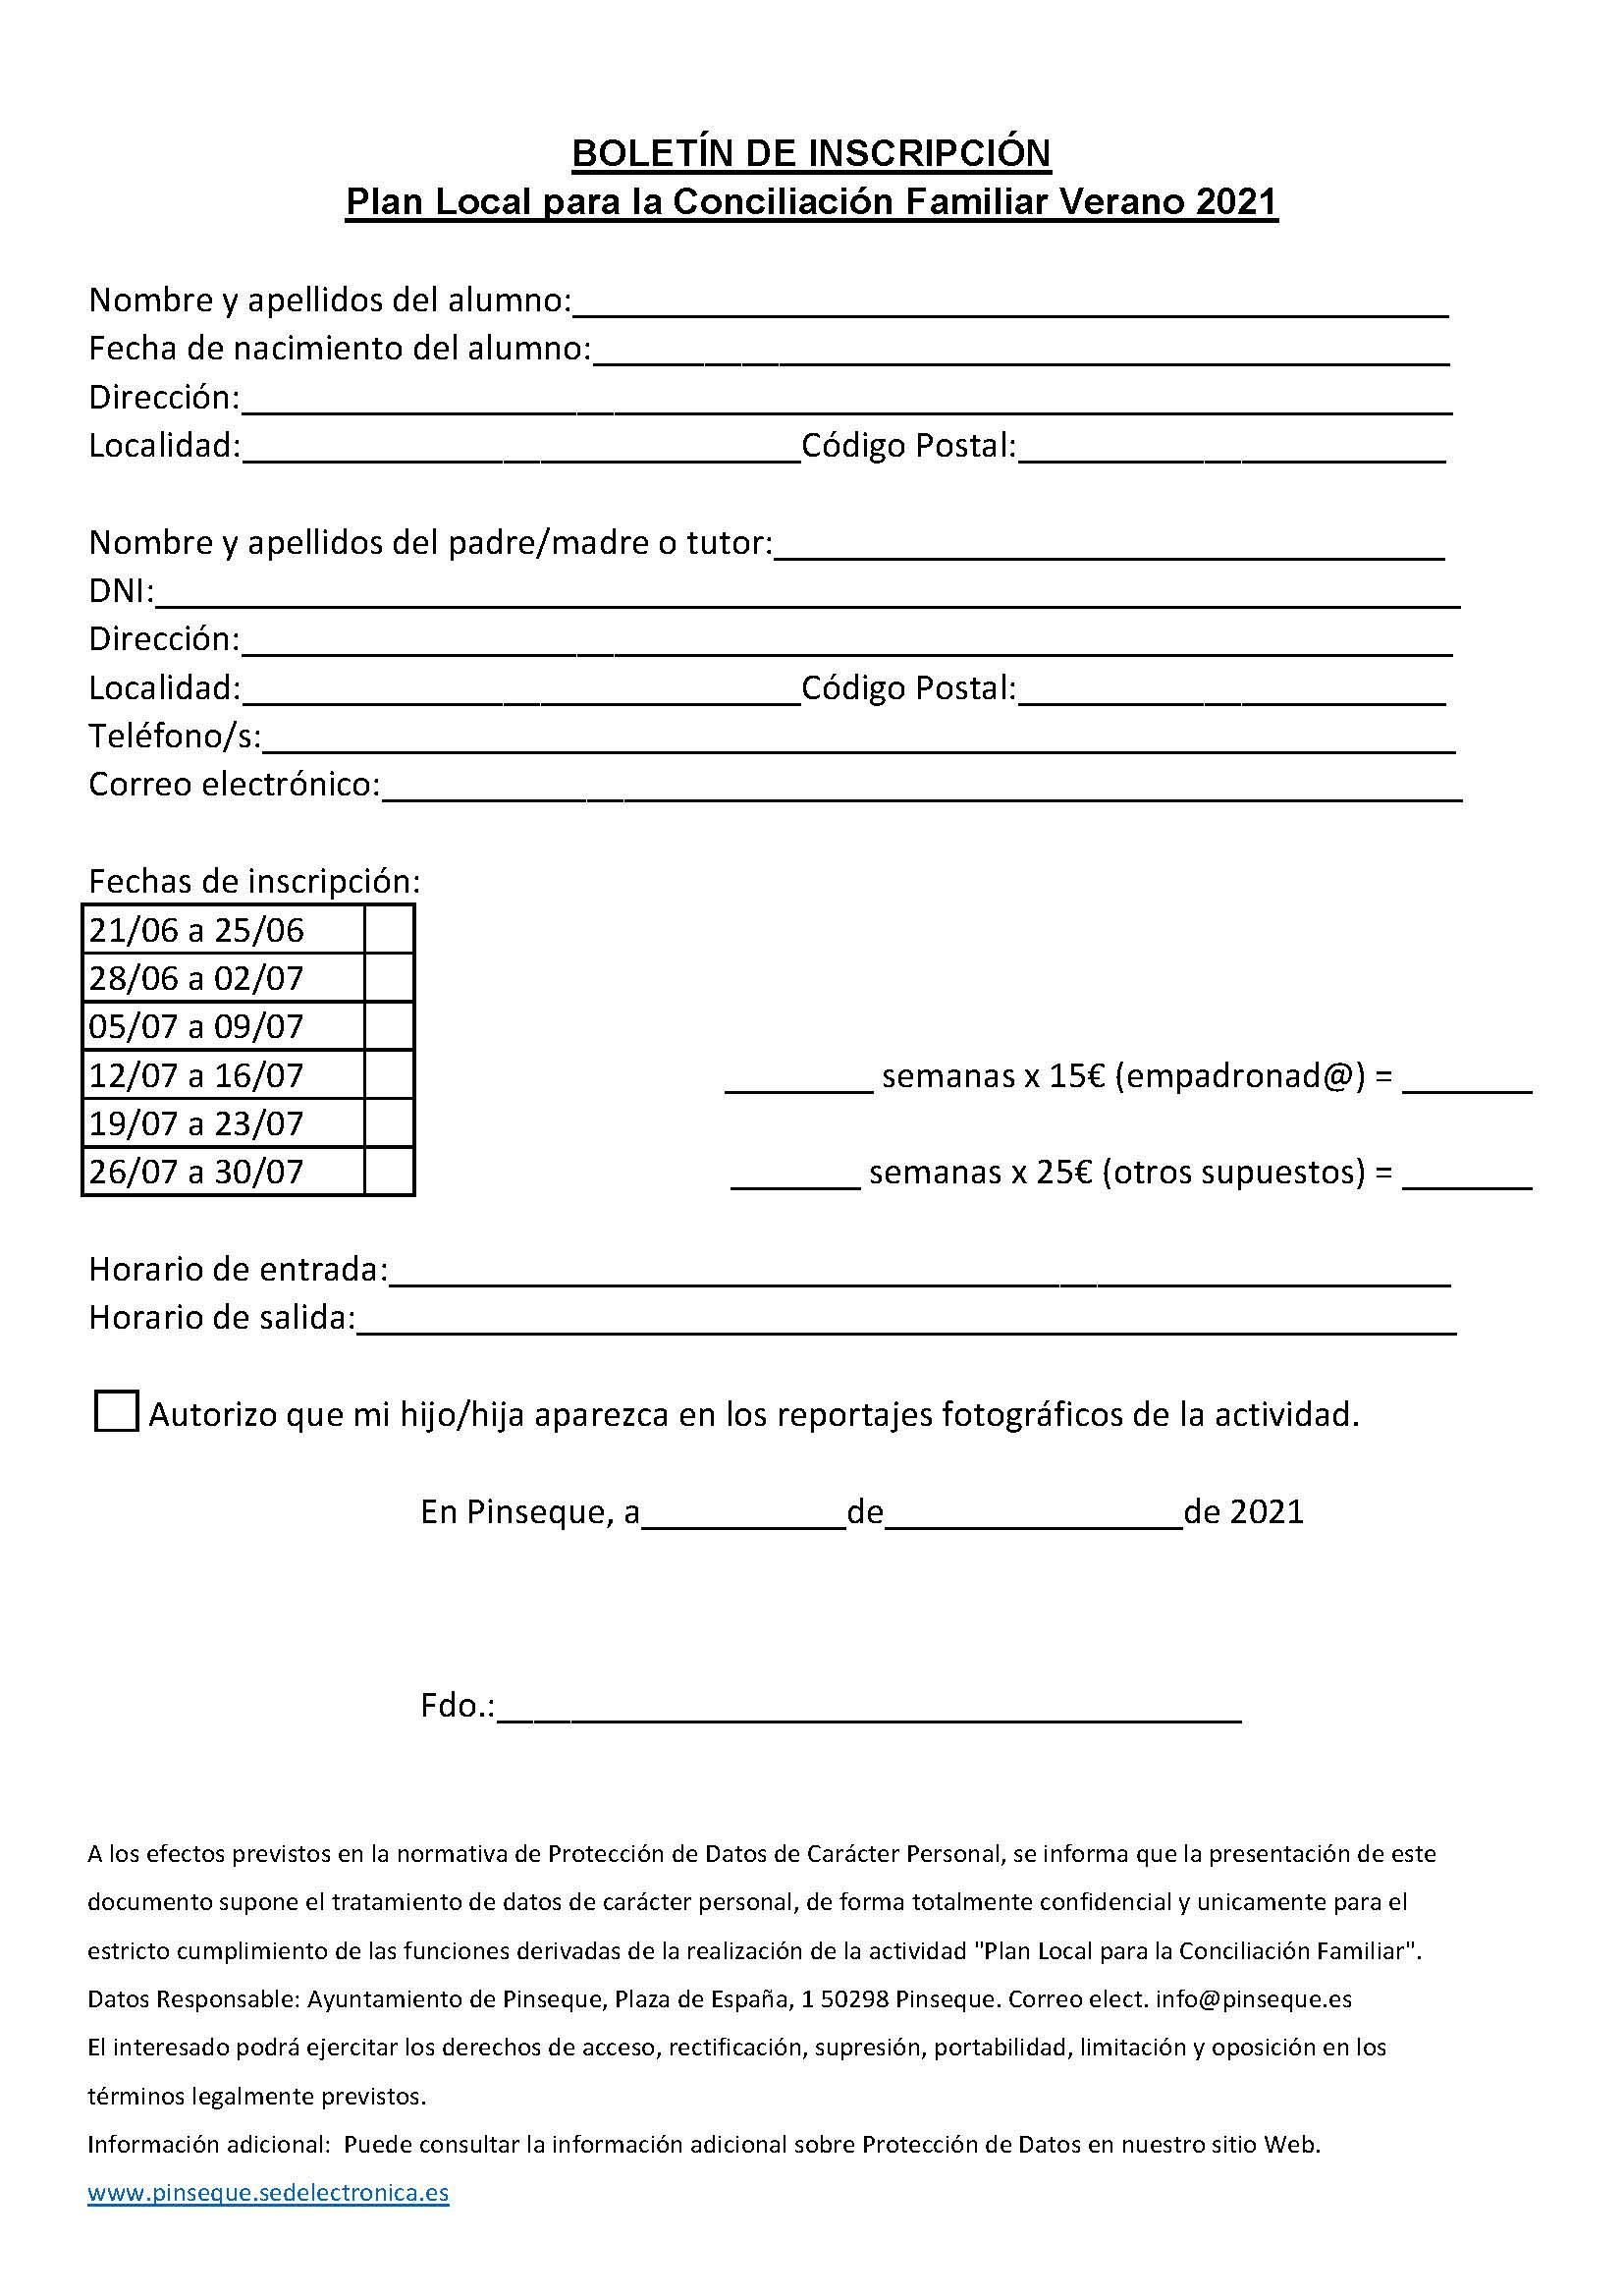 Inscripción Plan Conciliación Familiar Verano 2021